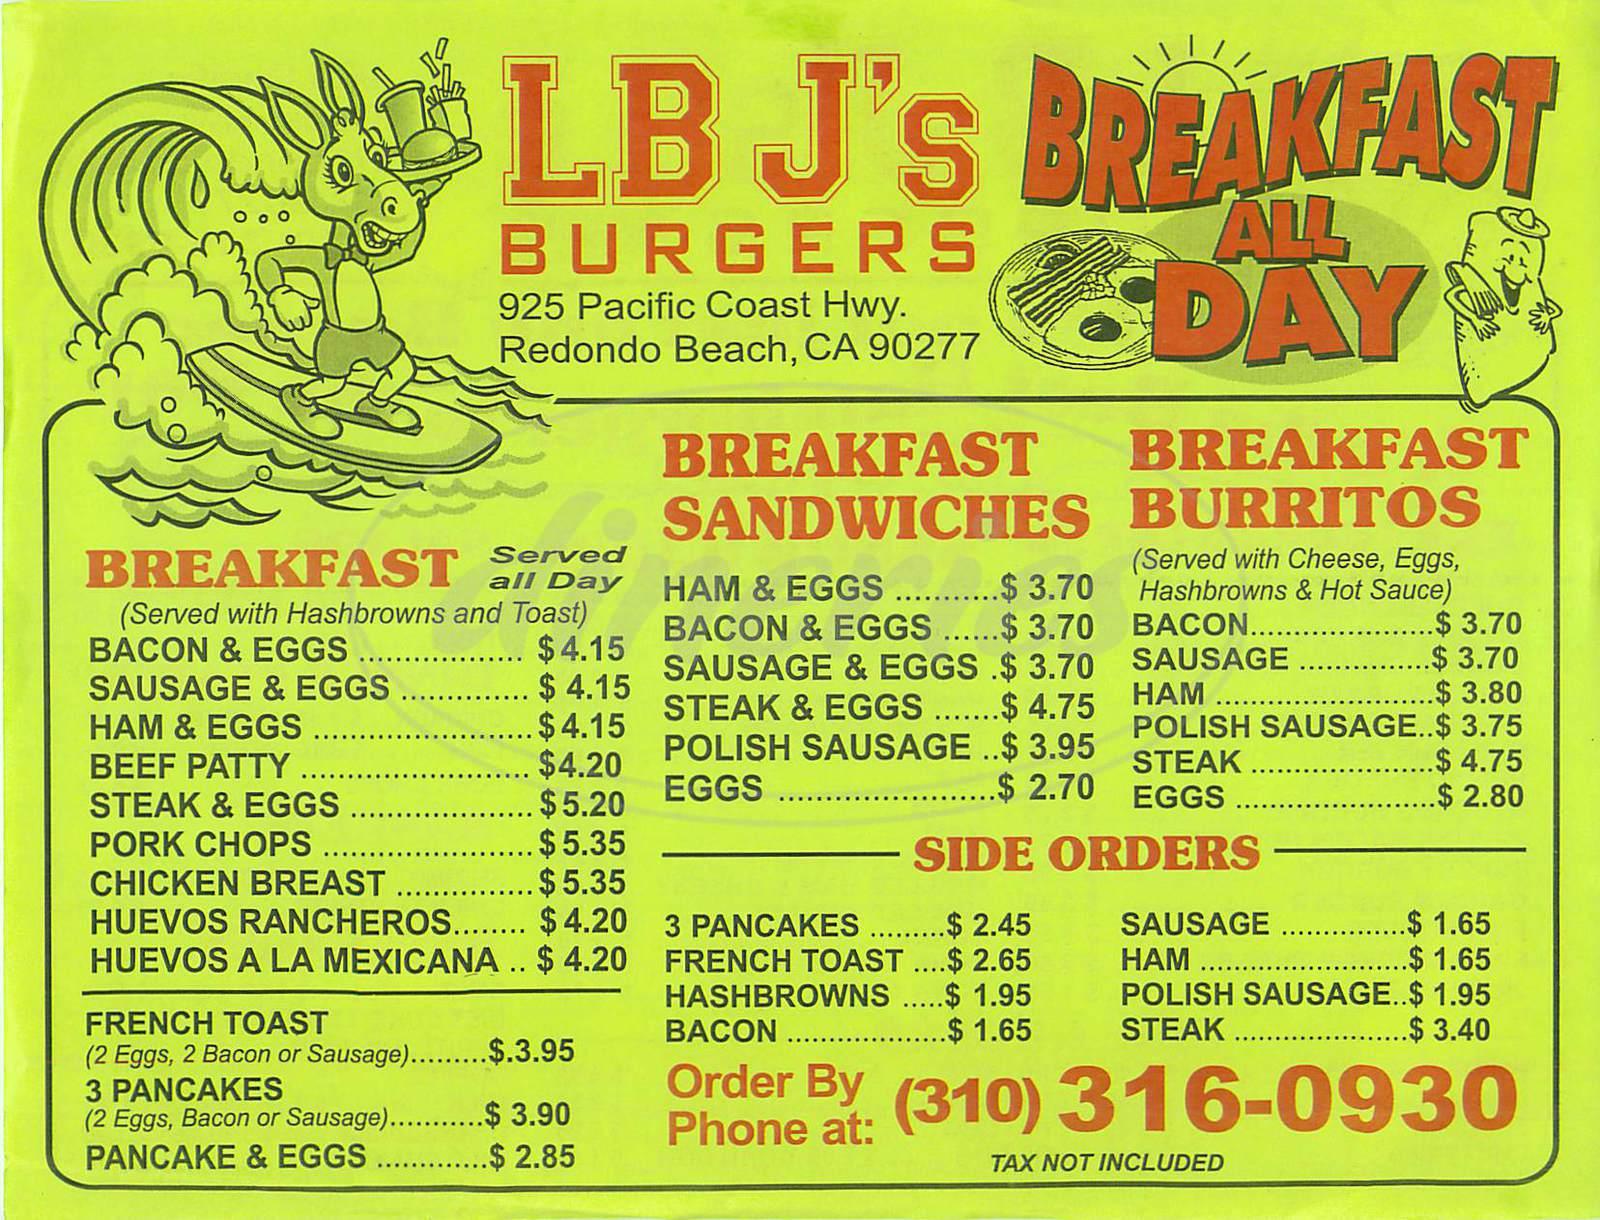 menu for LB J's Burgers